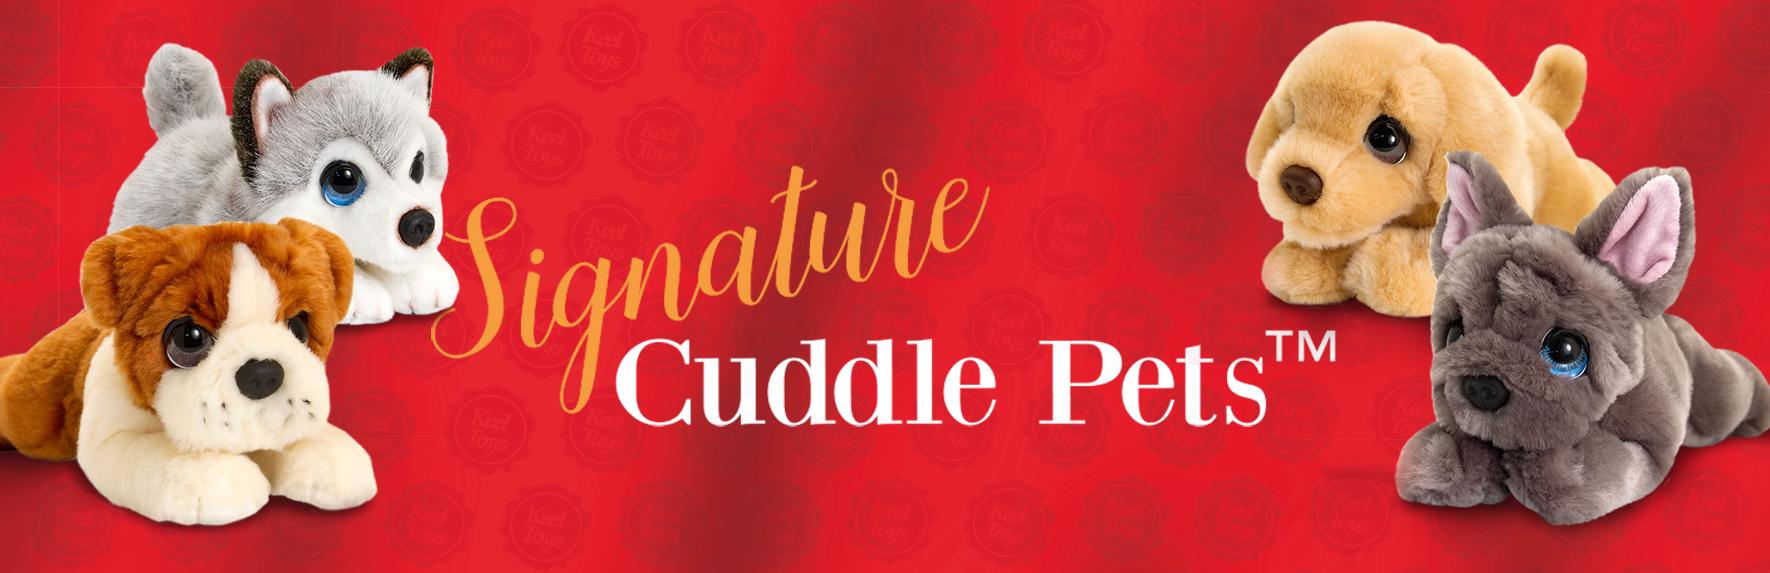 Signature Cuddle